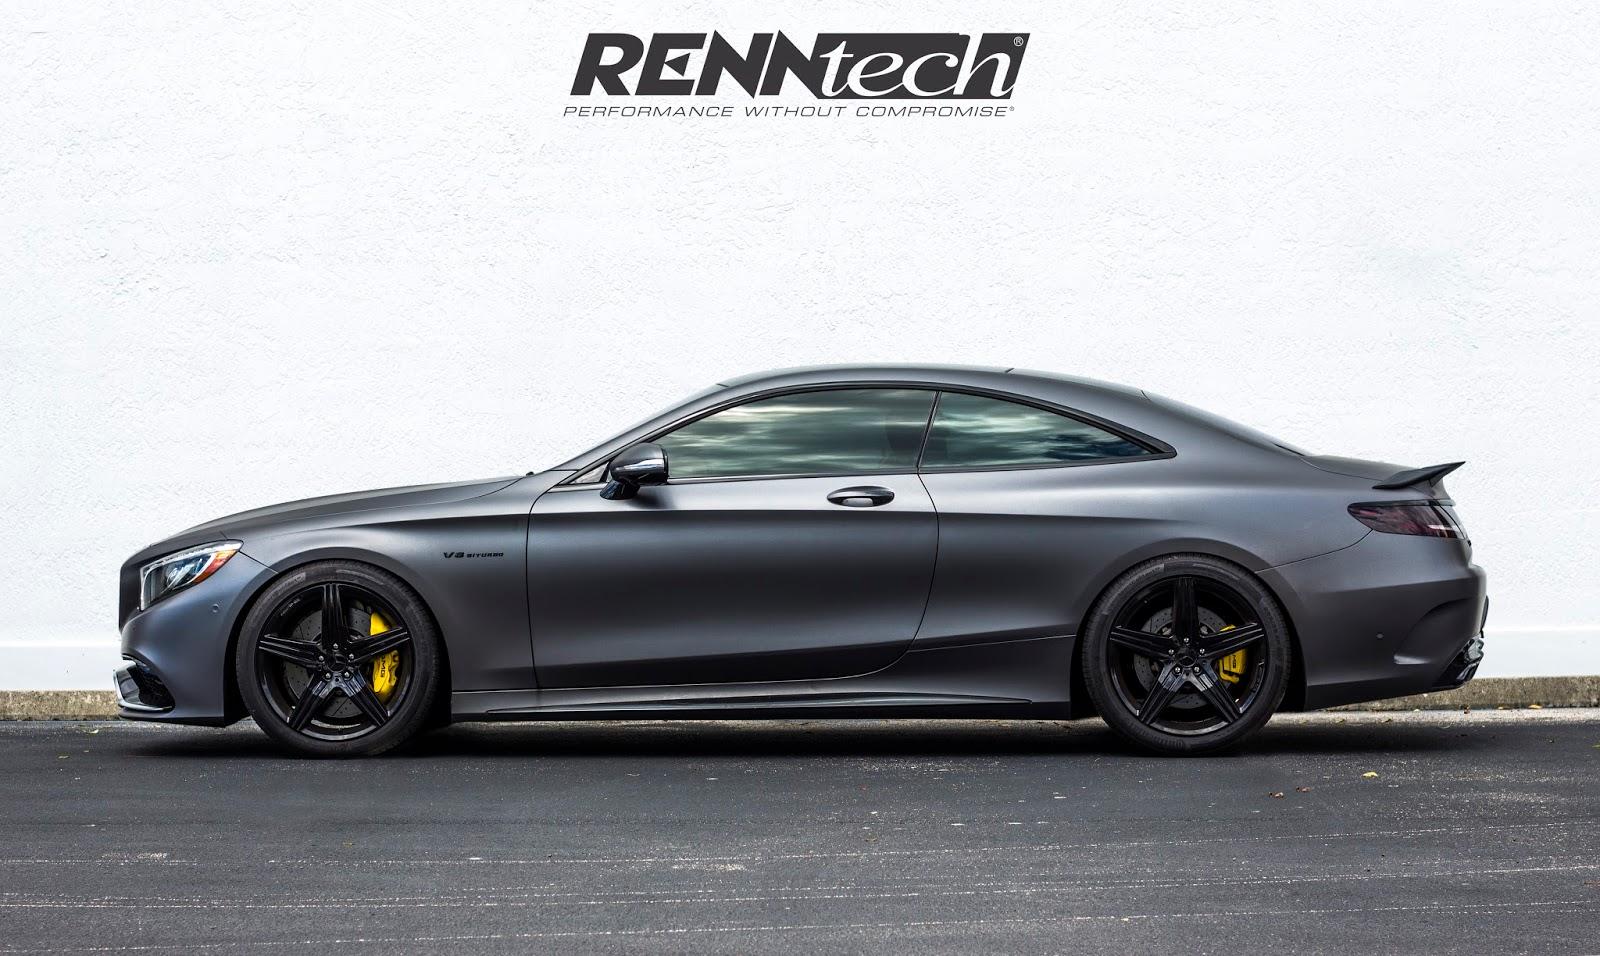 Mercedes-AMG S63 Coupé Renntech (4)